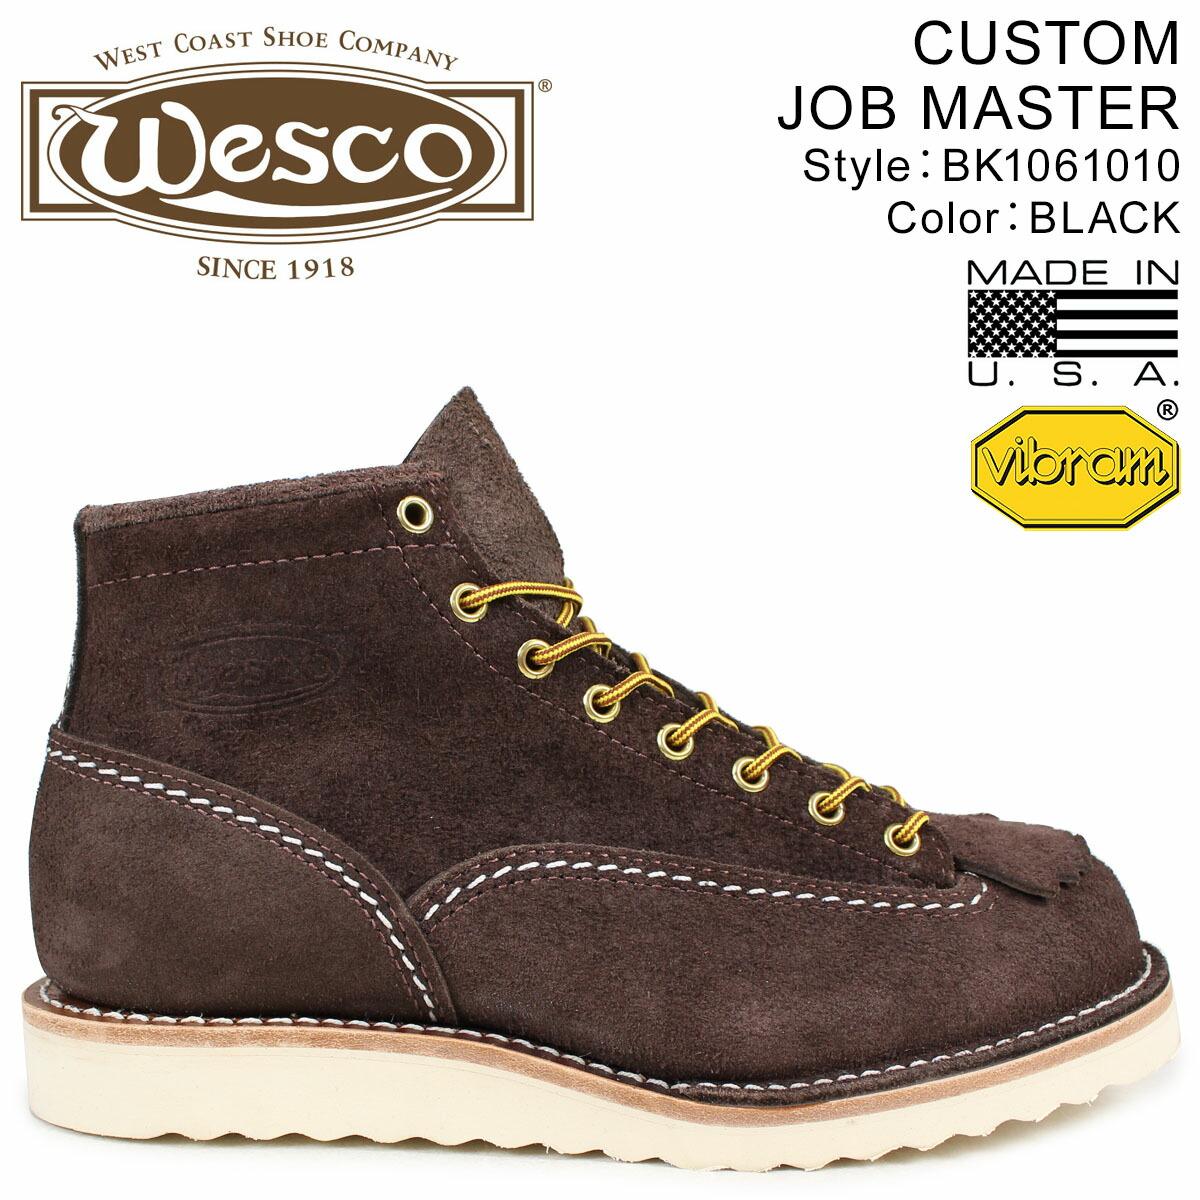 ウエスコ ジョブマスター WESCO ブーツ 6インチ カスタム 6INCH CUSTOM JOB MASTER 2Eワイズ スエード メンズ ブラウン BR1061010 ウェスコ [2/1 新入荷]